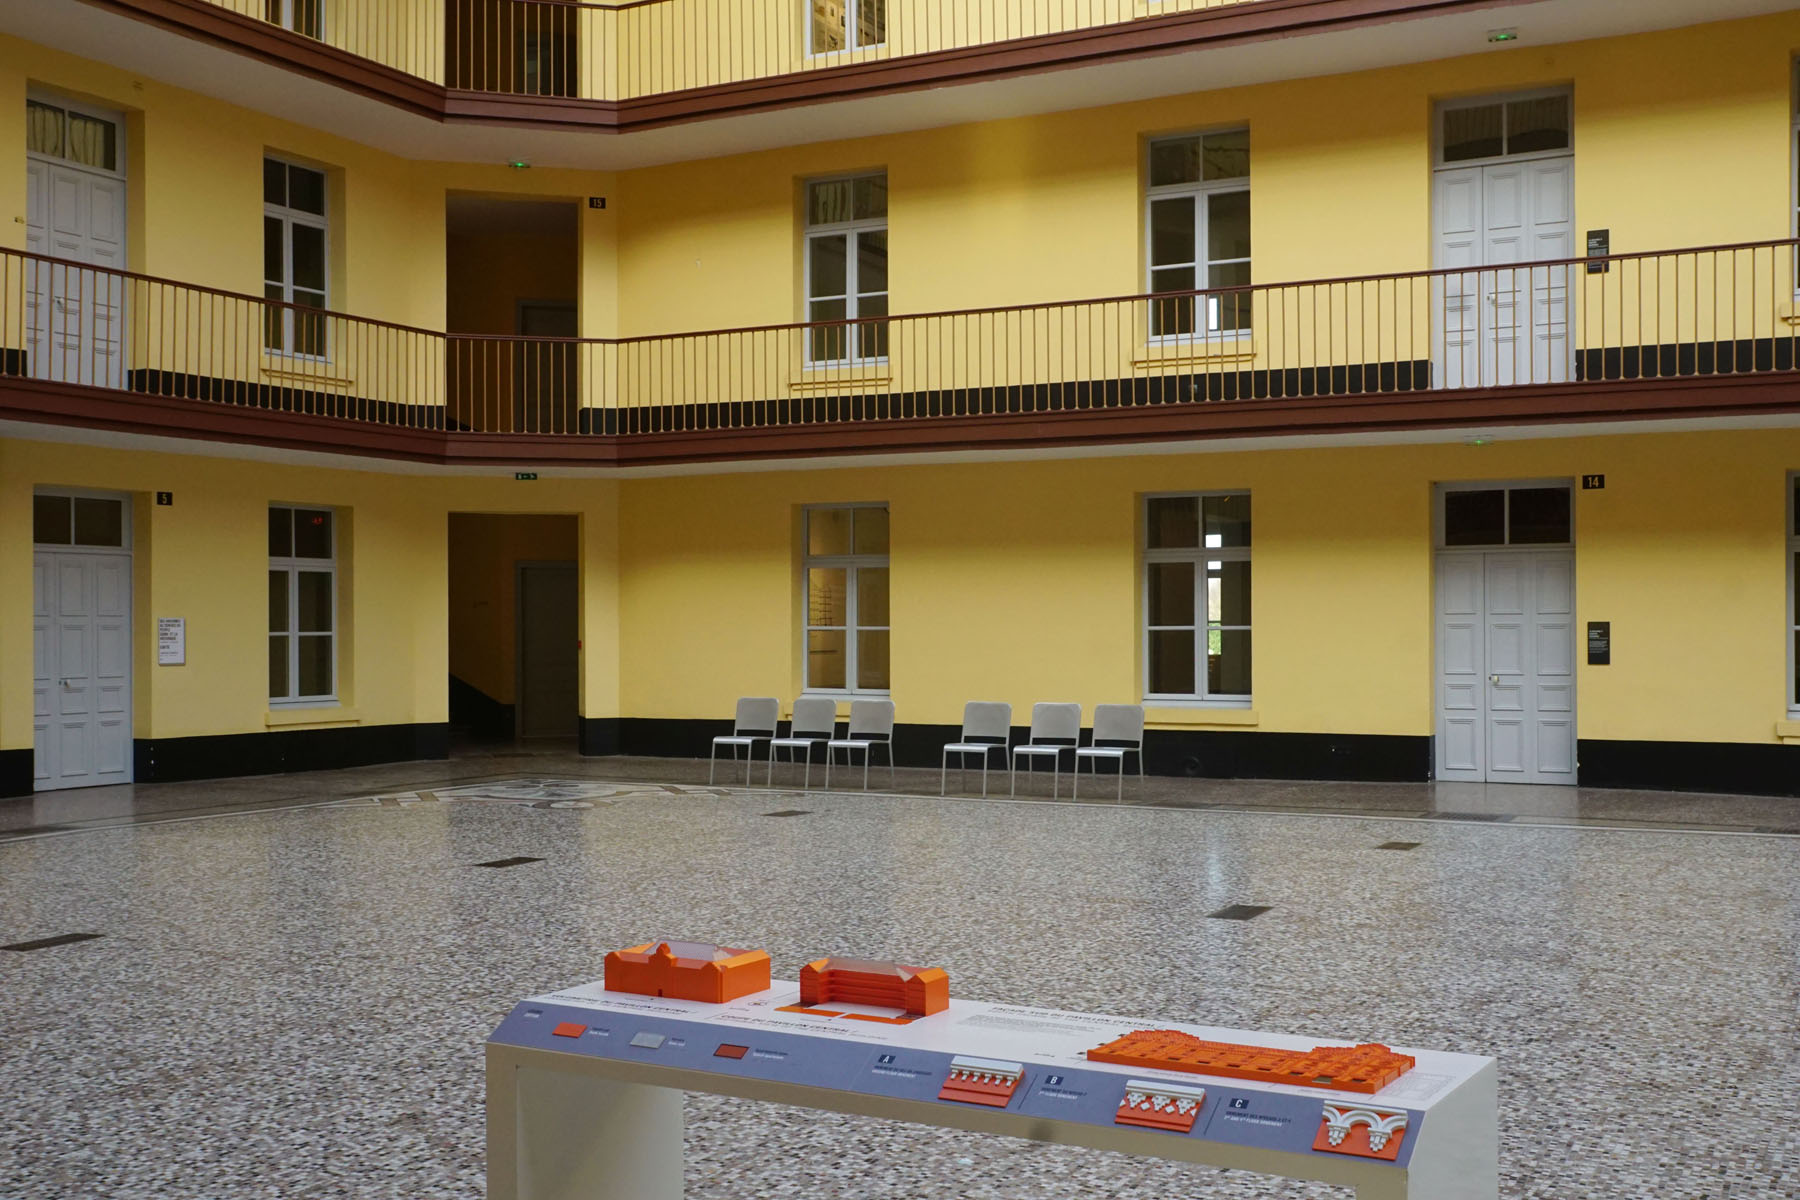 Une maquette tactile permet de découvrir l'architecture du pavillon central du F